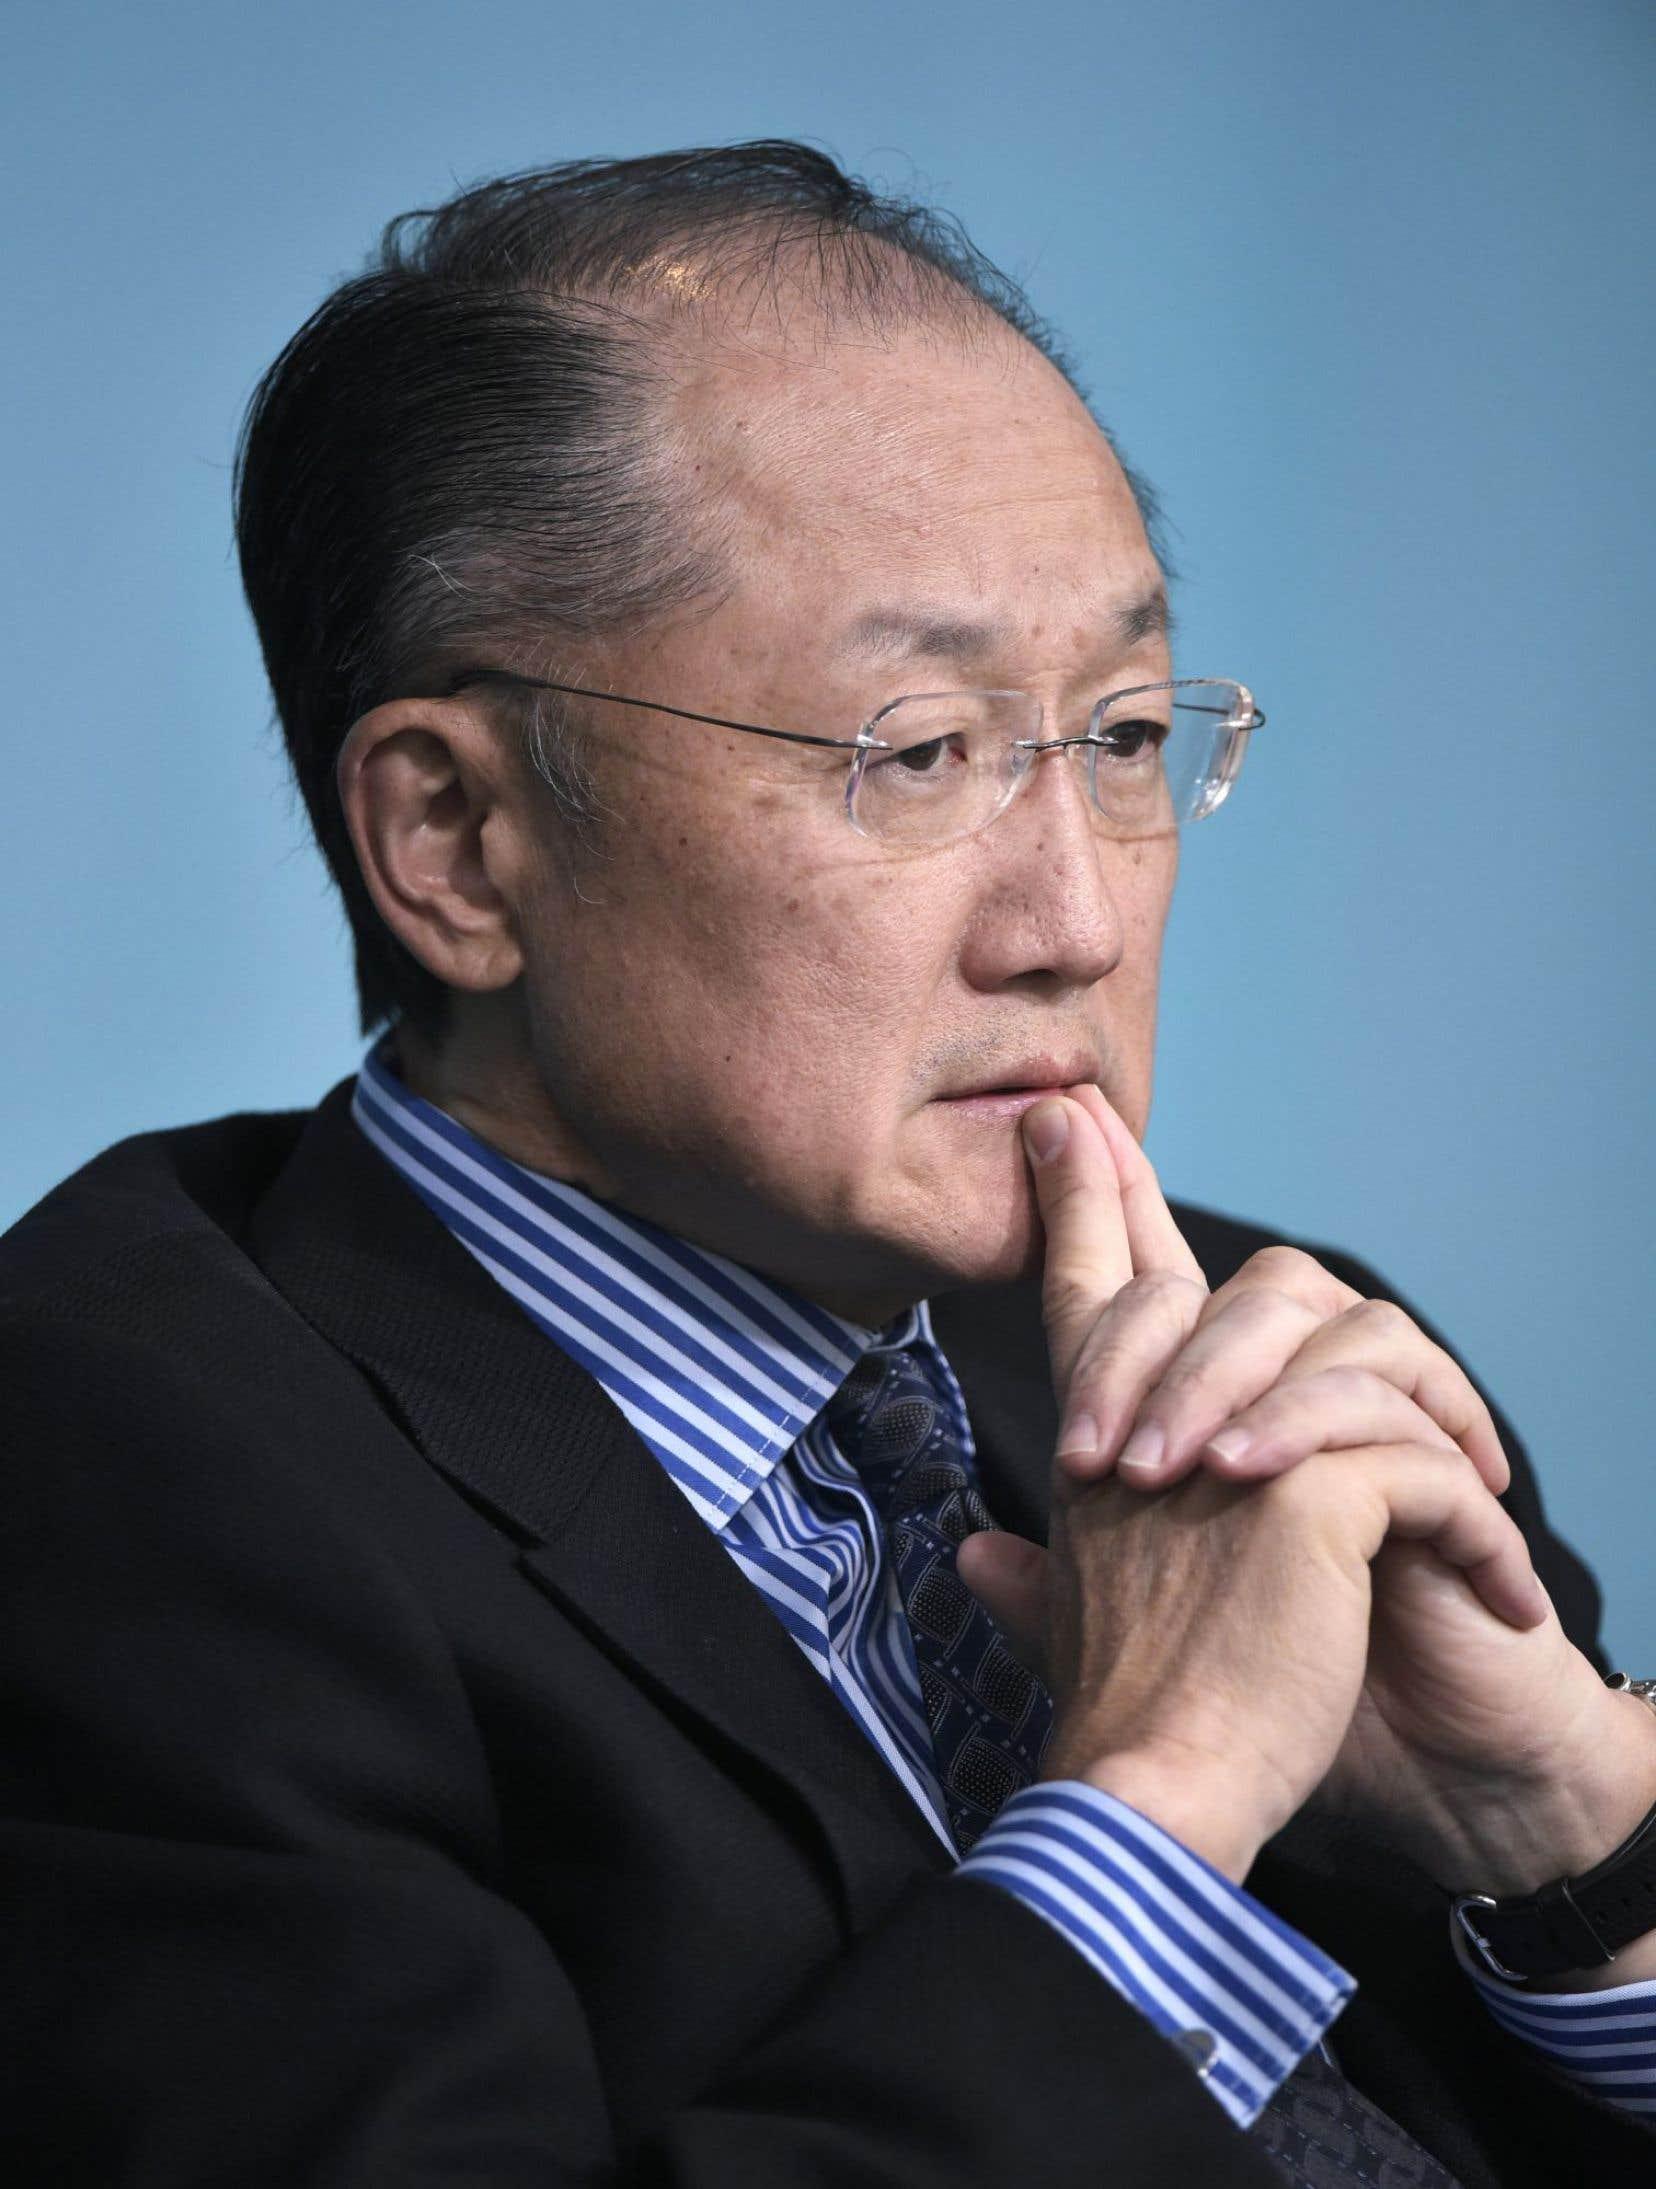 Le président de la Banque mondiale, Jim Yong Kim, voit son mandat de cinq ans s'achever en juillet prochain.